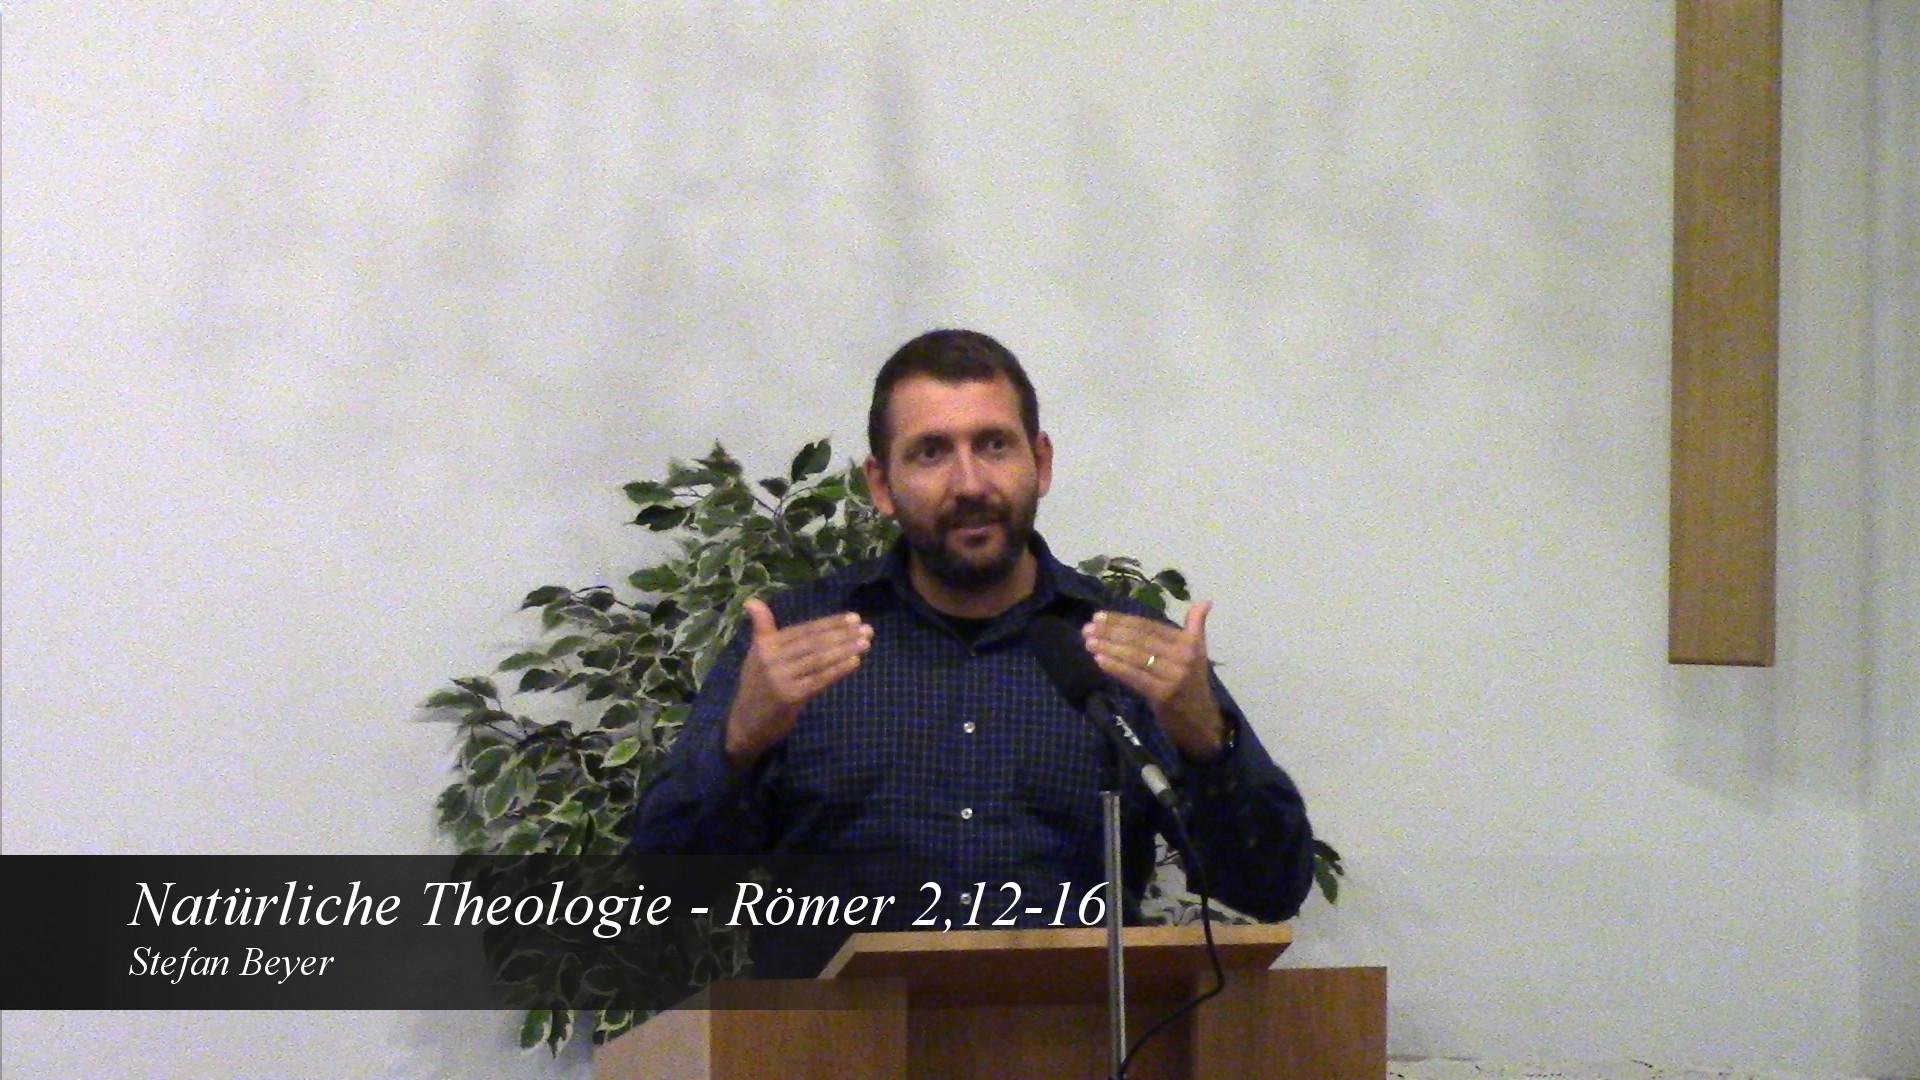 Natürliche Theologie